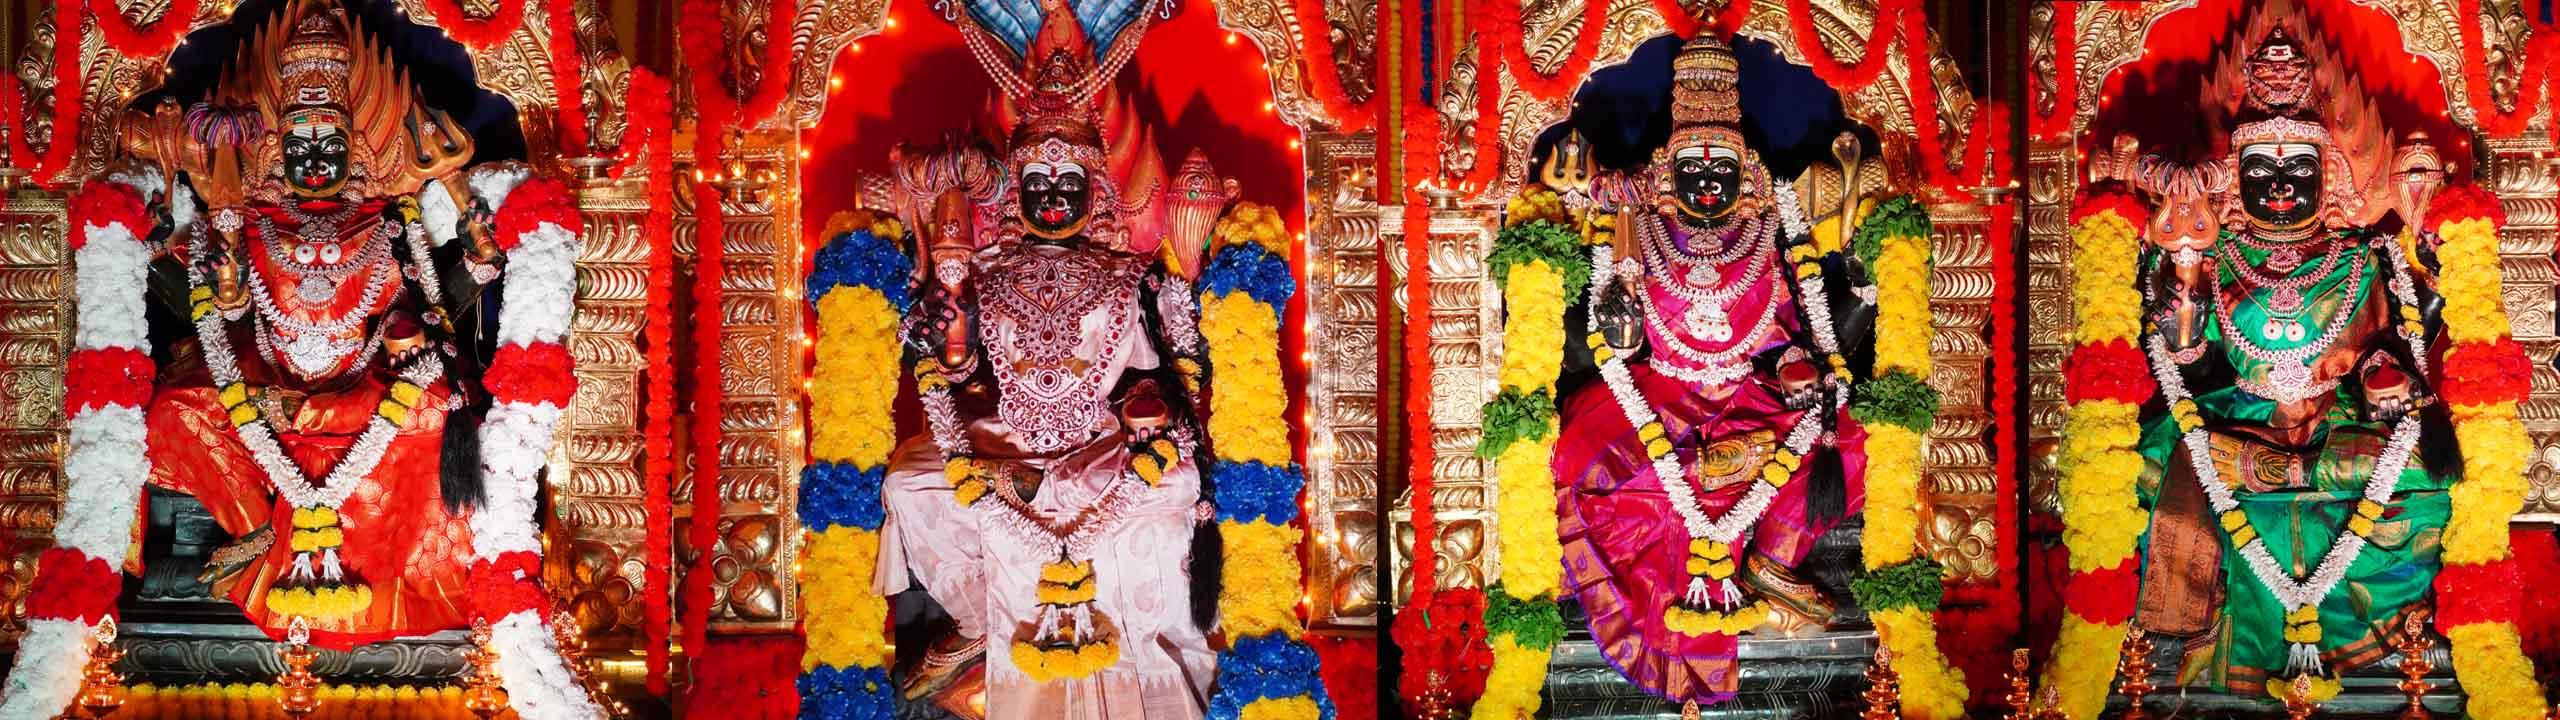 Grama devatalu at Ramaneswaram